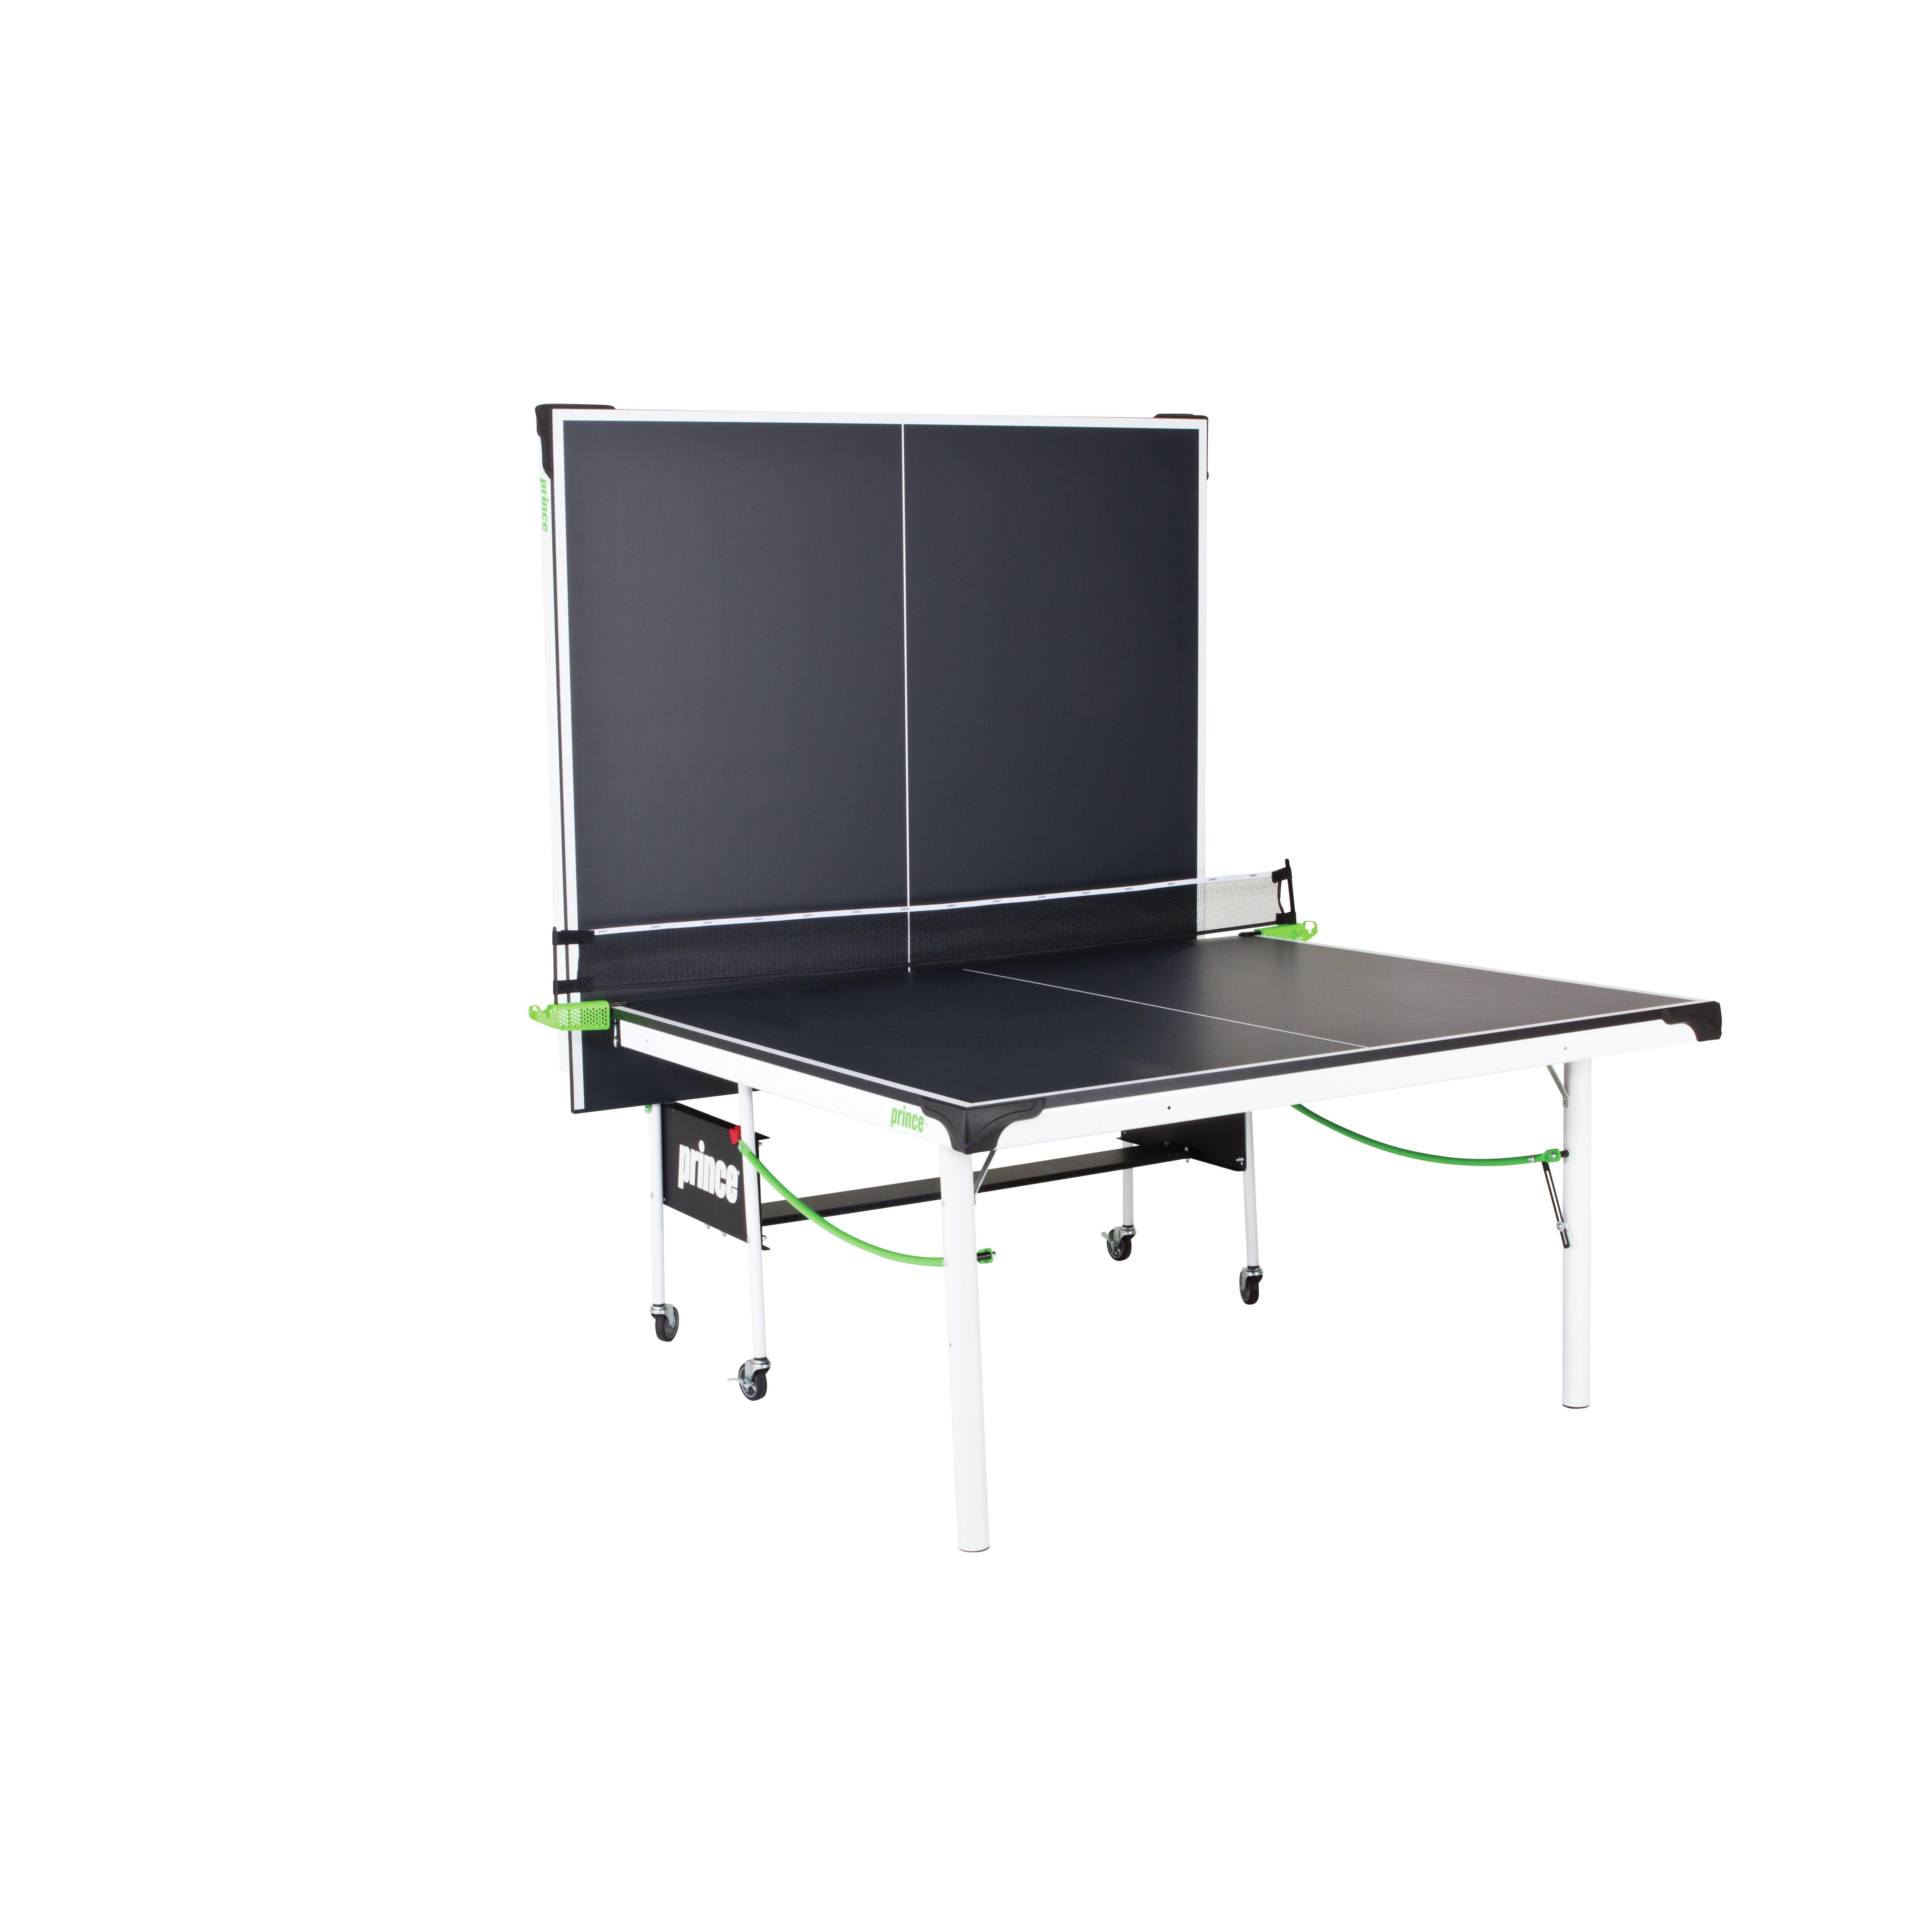 Stiga Fusion Elite Table Tennis Table   Wayfair